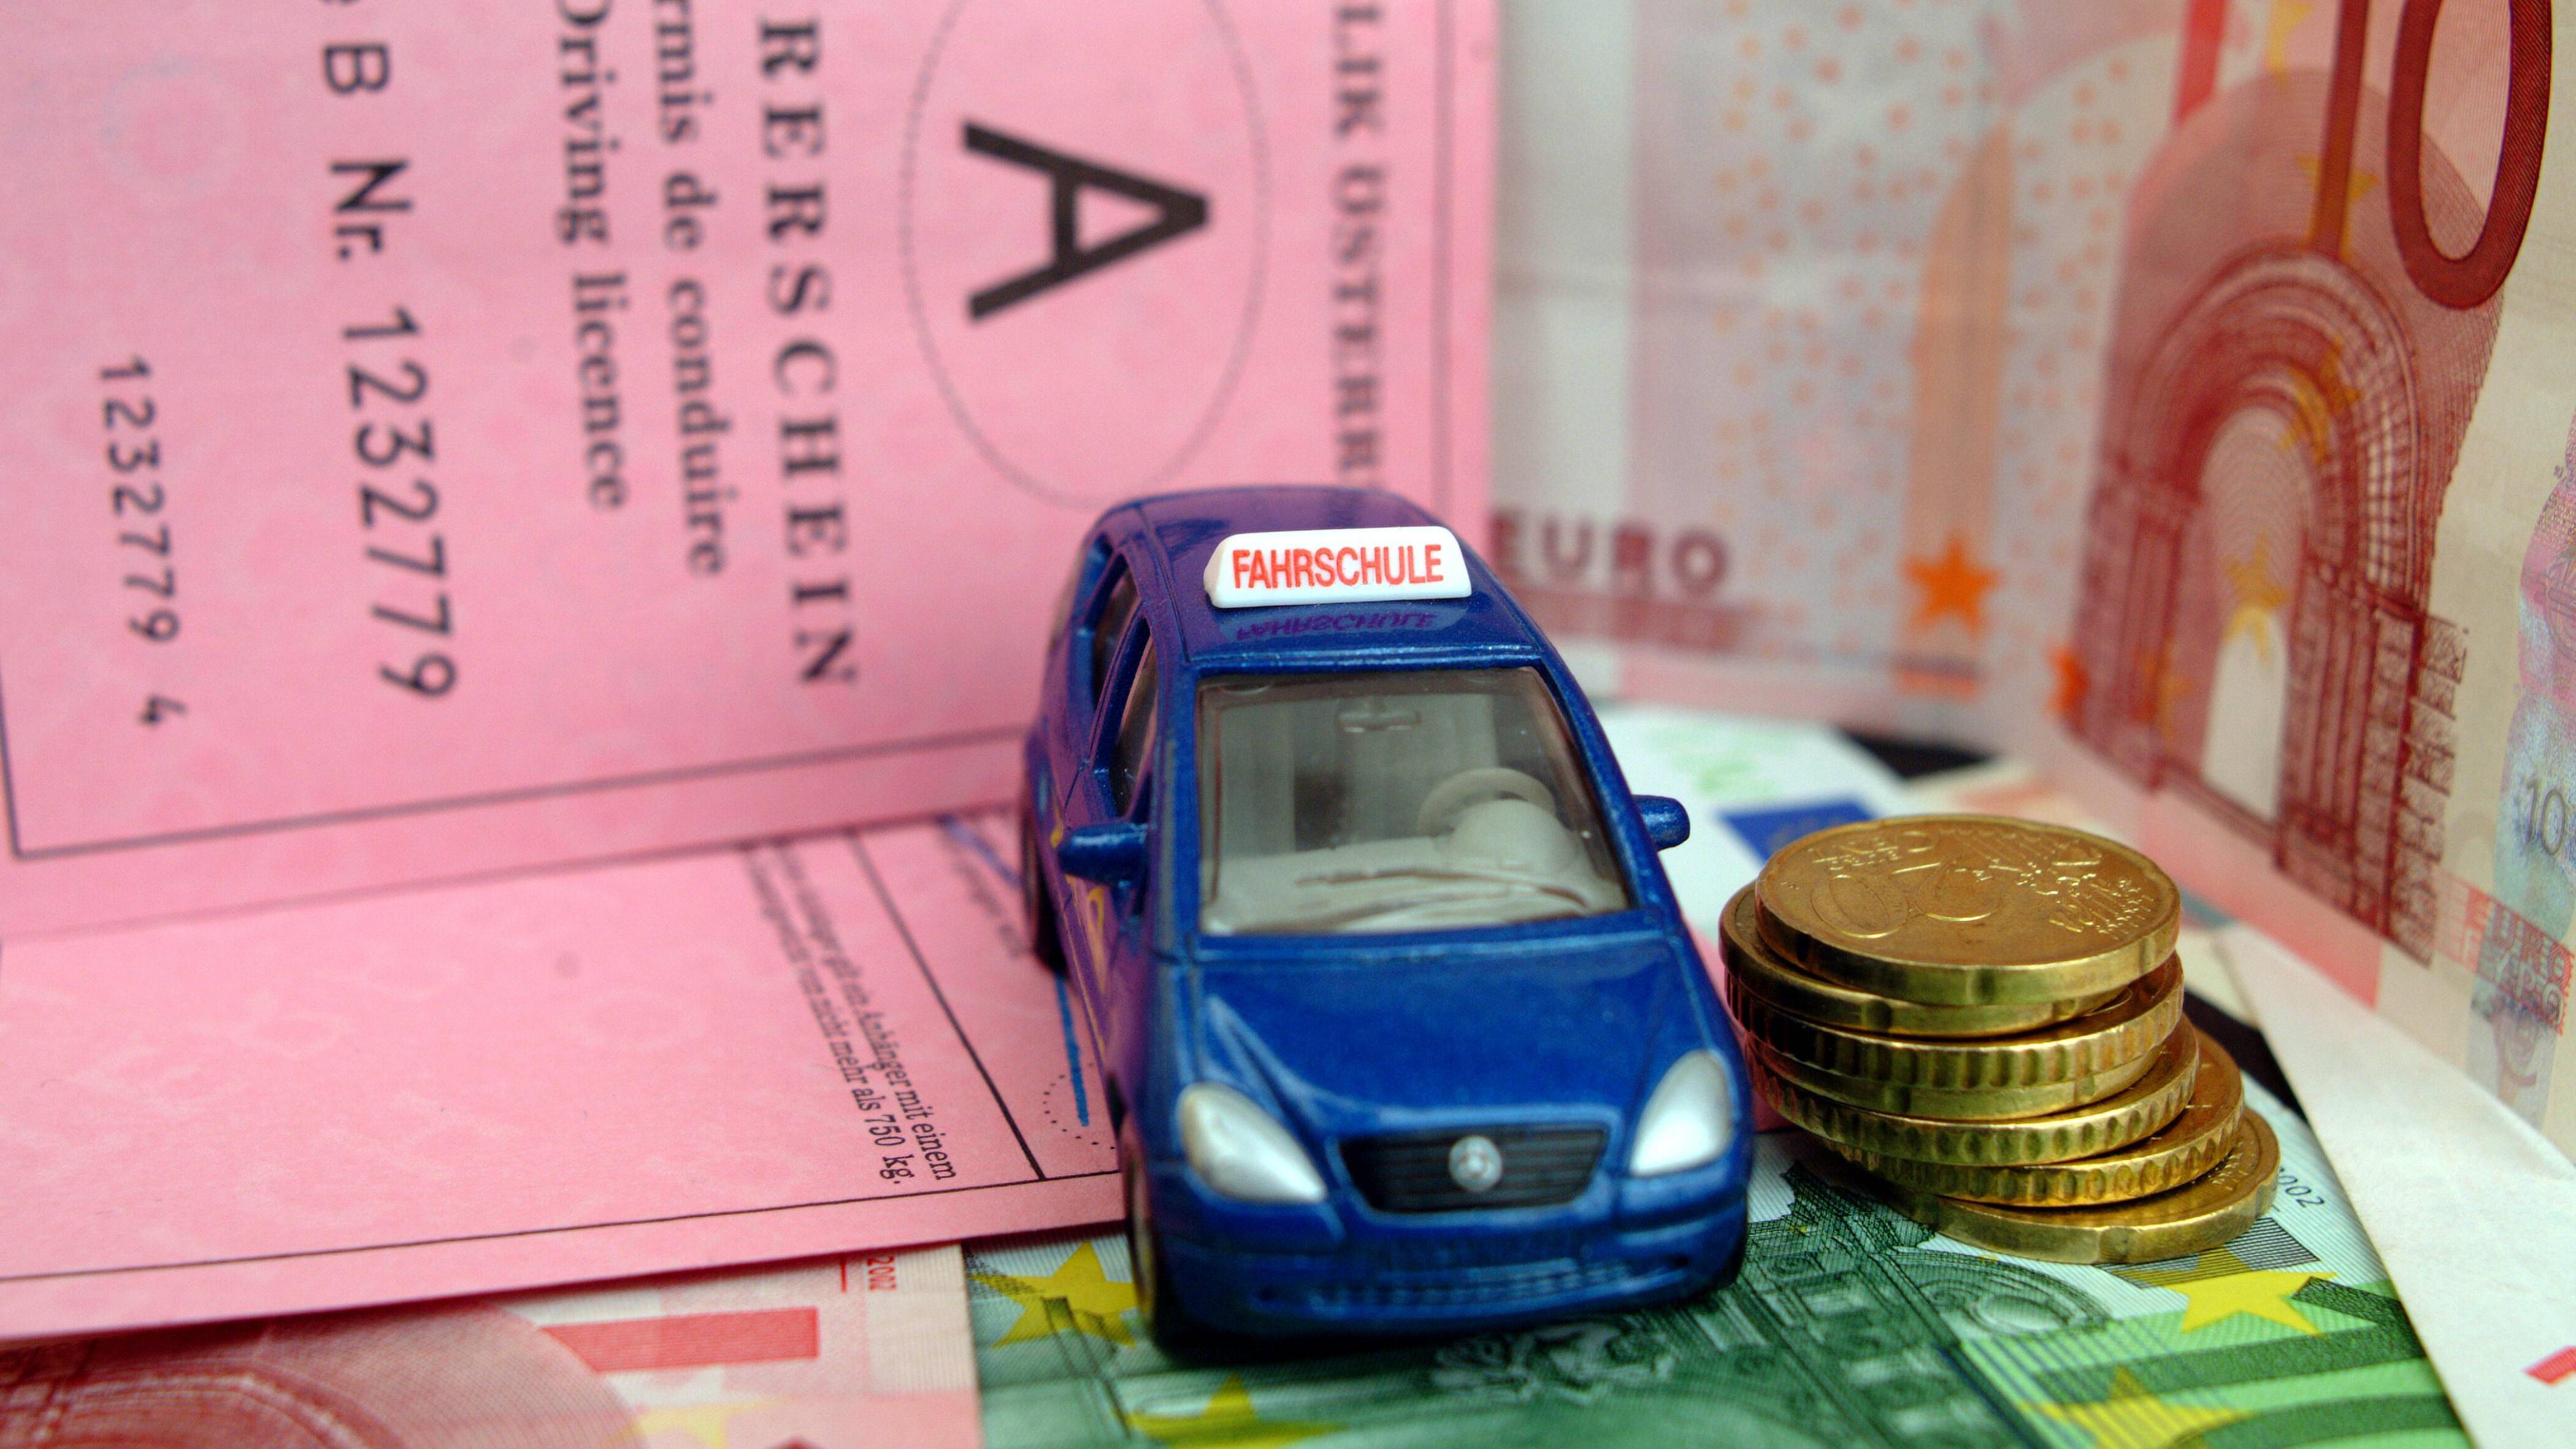 Für den Führerschein mit 17 sind noch Kosten für das Eintragen der Begleitpersonen aufzubringen.